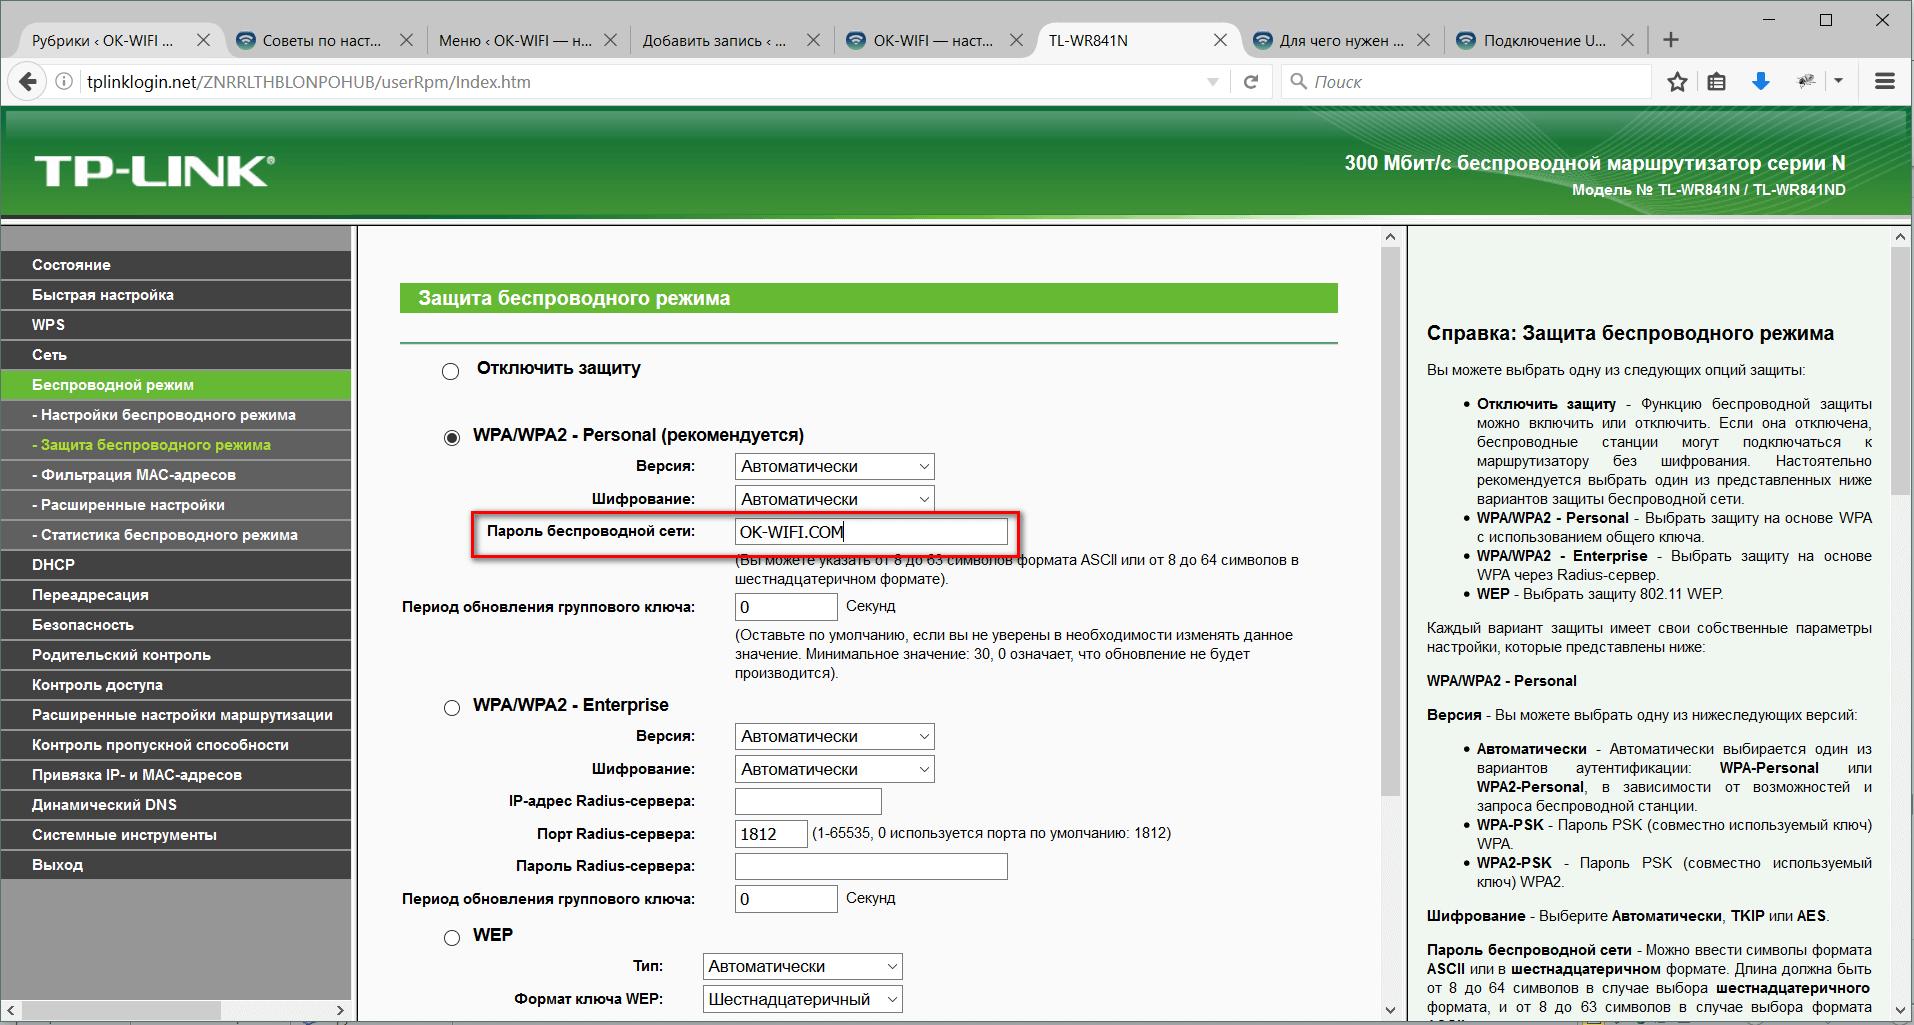 Роутер TP-LINK: как узнать стандартный пароль и пароль от Wi-Fi?